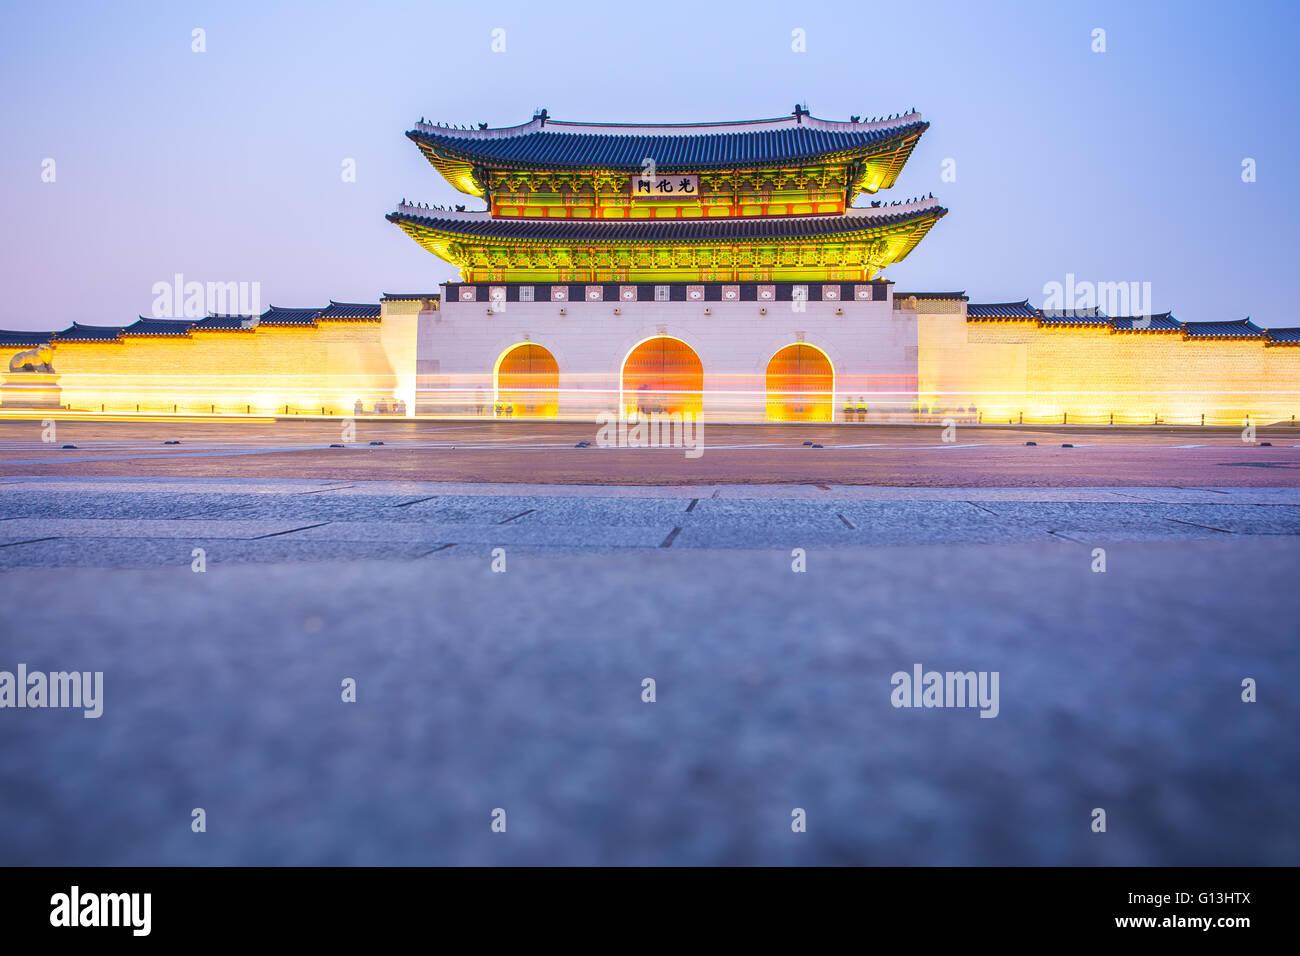 Noche en el Palacio Gyeongbokgung en Seúl, Corea del Sur. Imagen De Stock